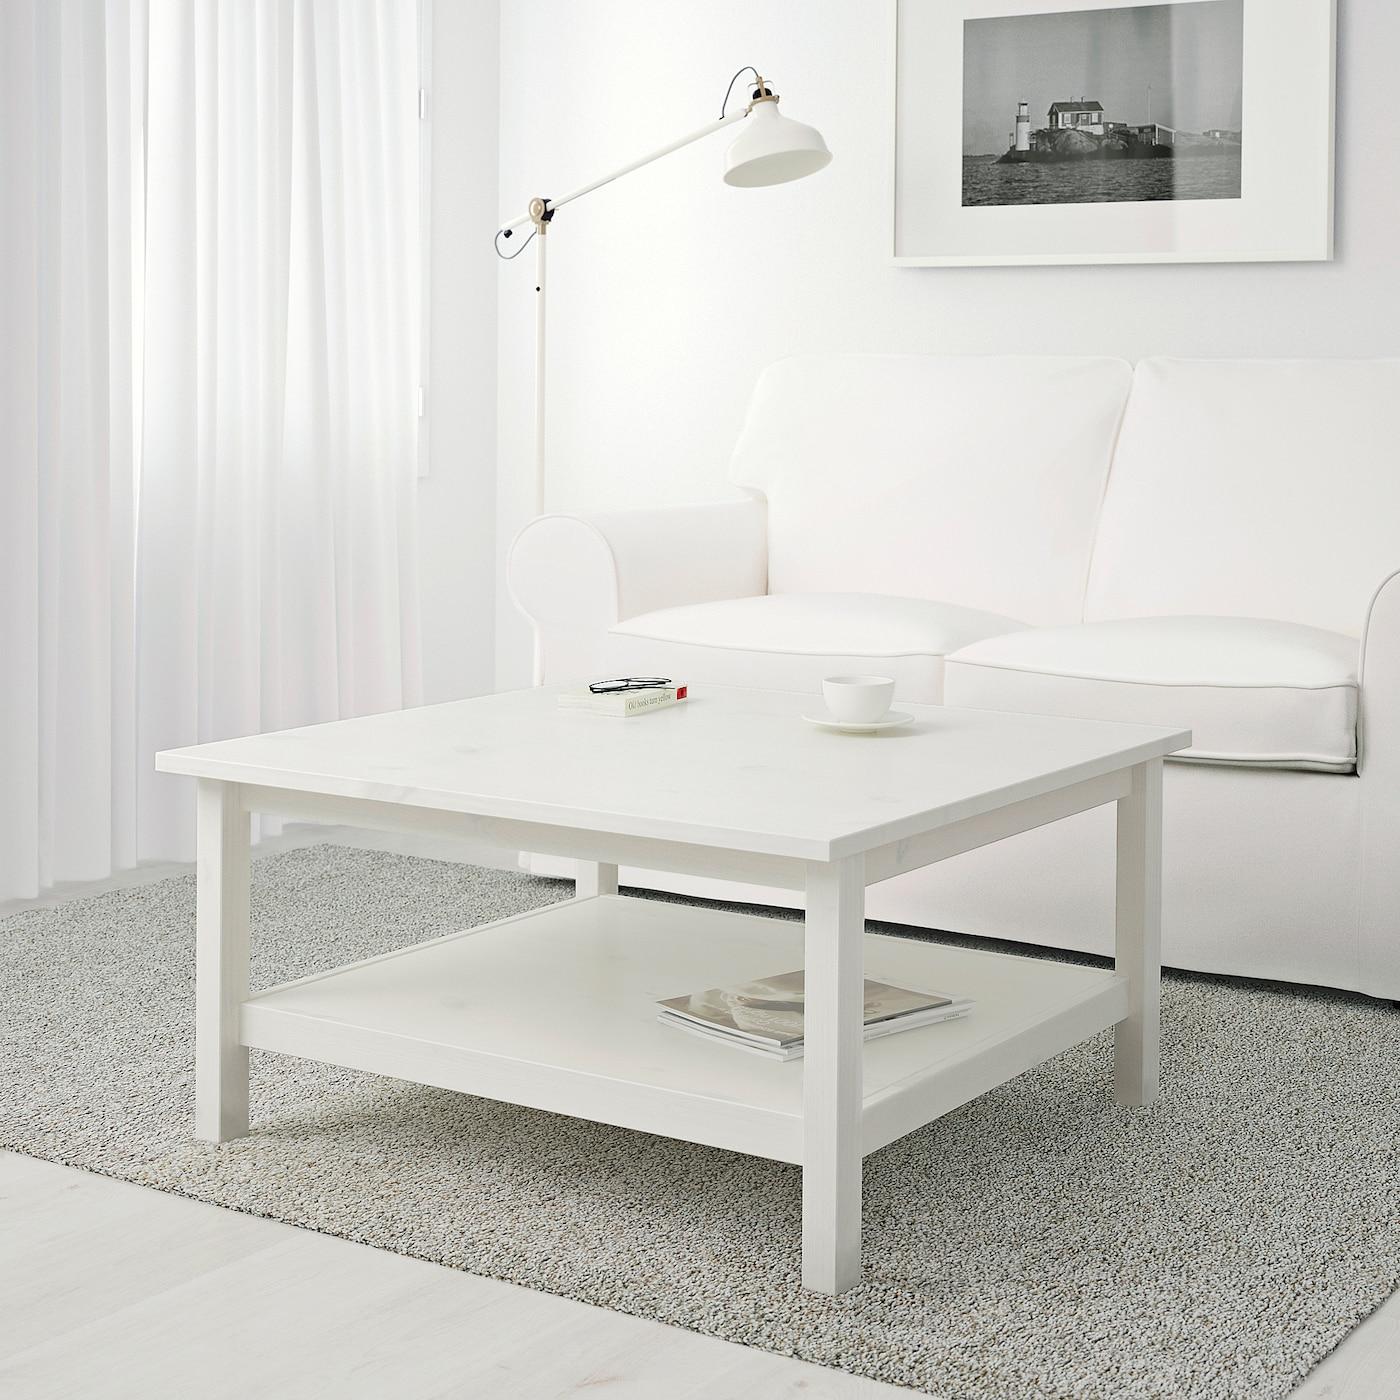 Großer Ikea Couchtisch weiß Hemnes mit Glasplatte